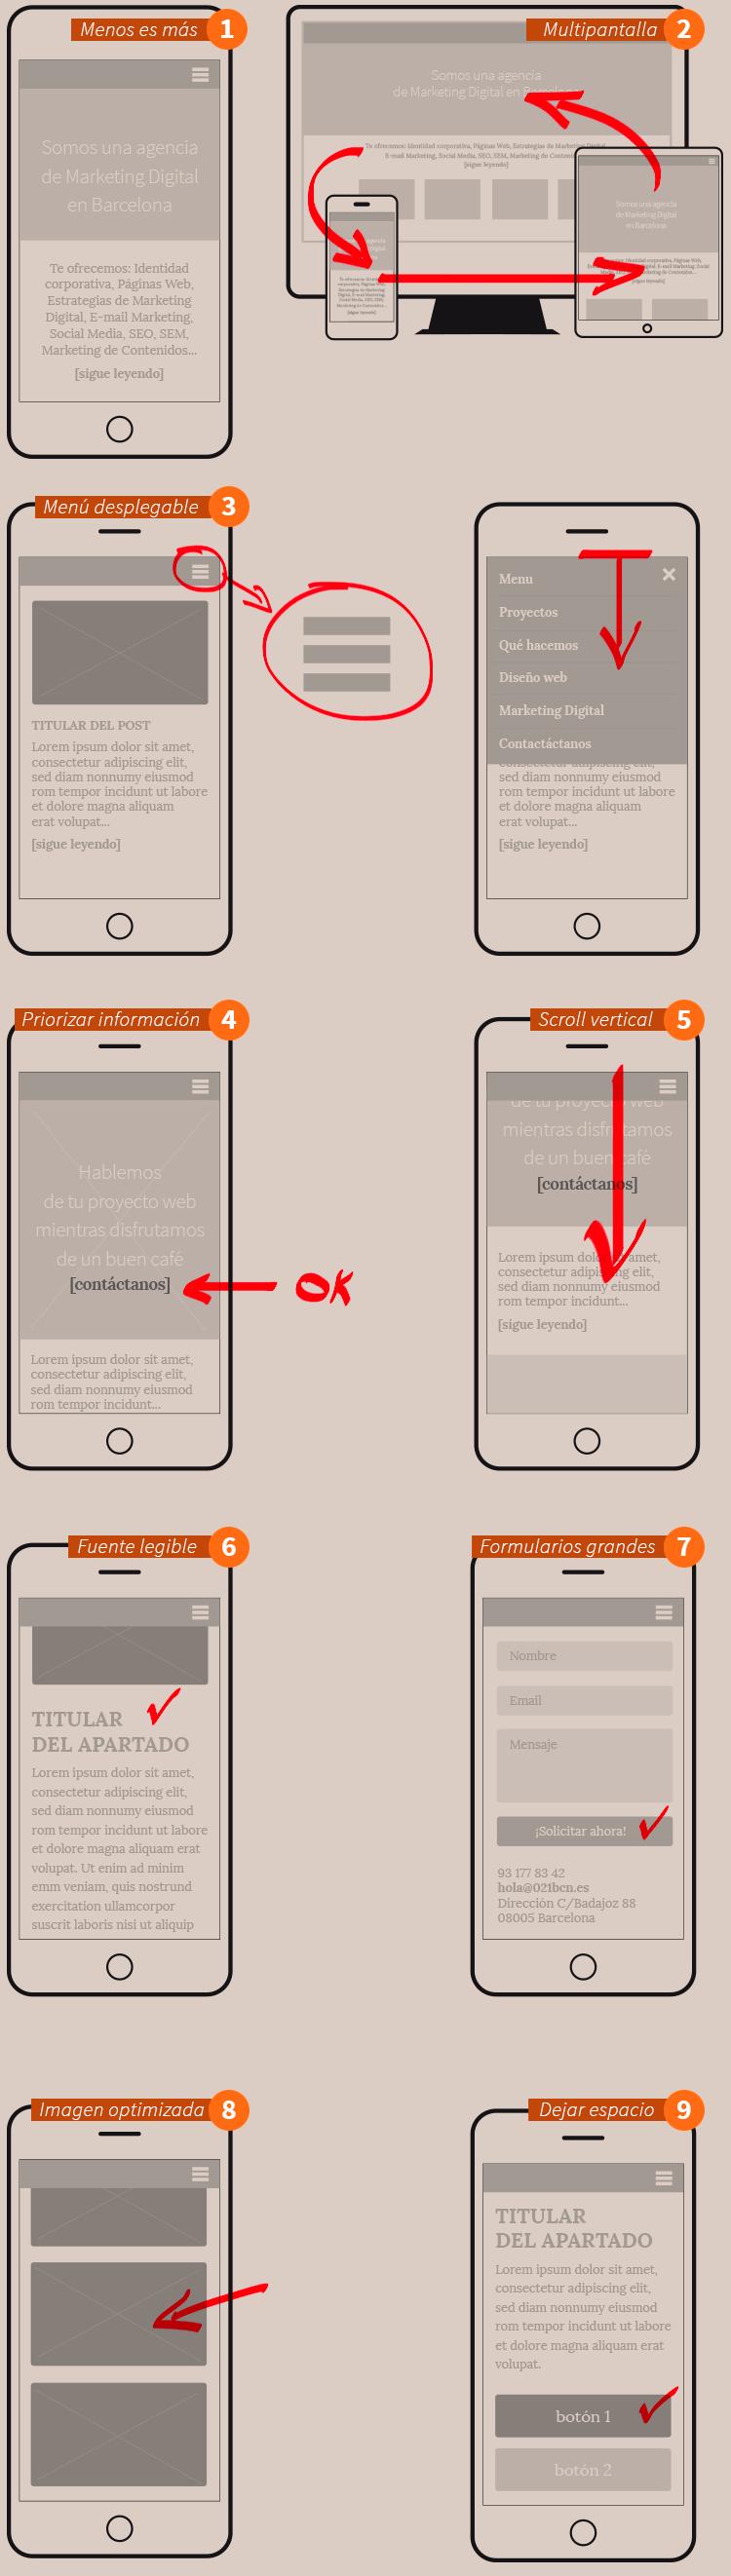 9 ejemplos de usabilidad en la web movil